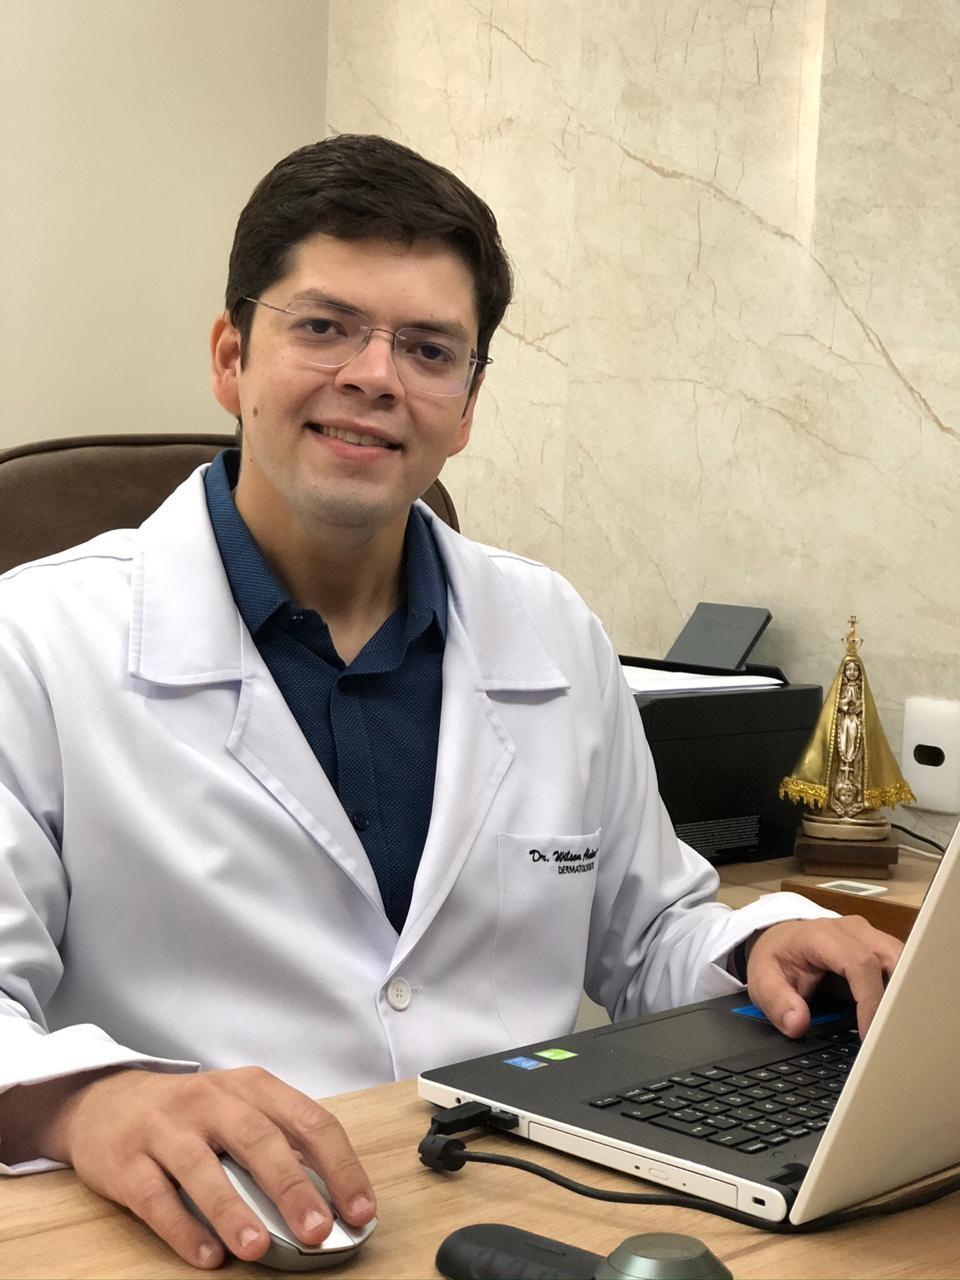 Médico dermatologista da Clínica Intermed, Wilson Almino | foto: Divulgação